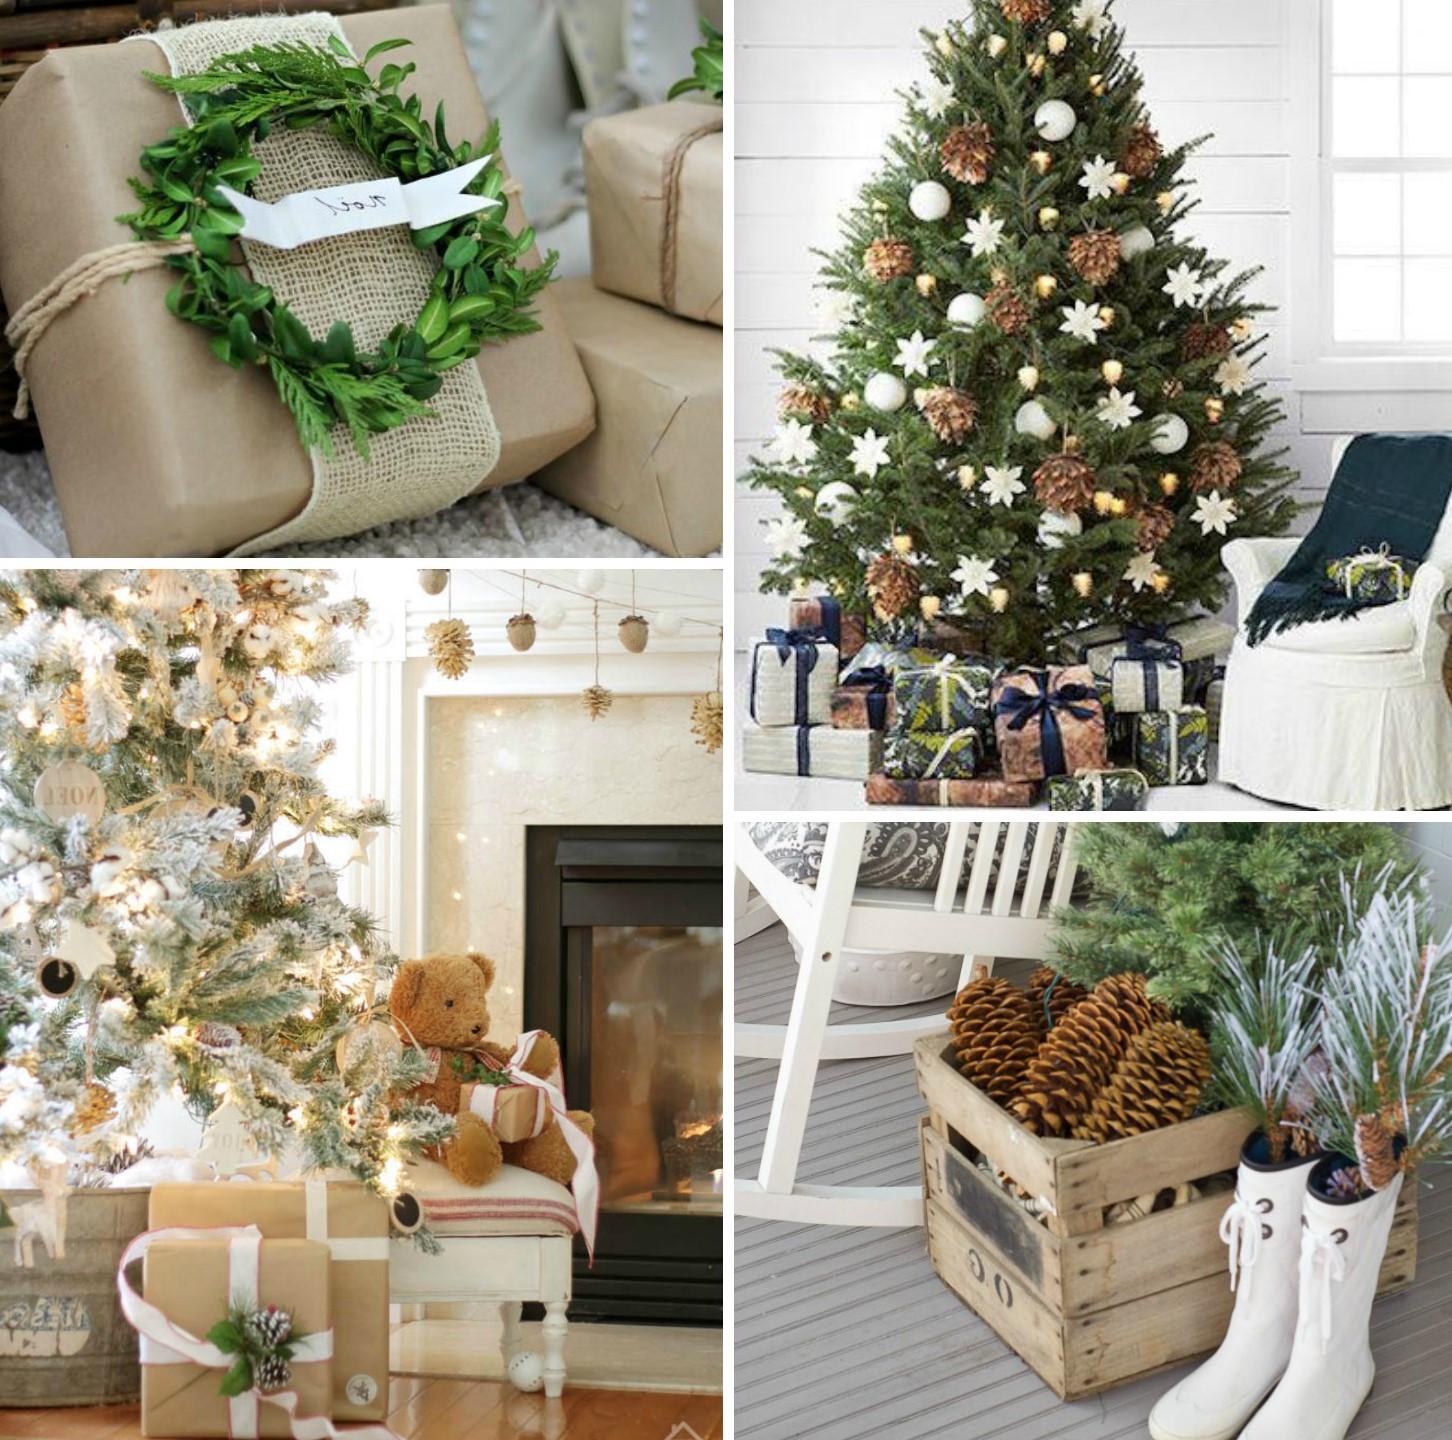 Décoration de Noël naturelle avec des branches à feuilles persistantes et des pommes de pin.